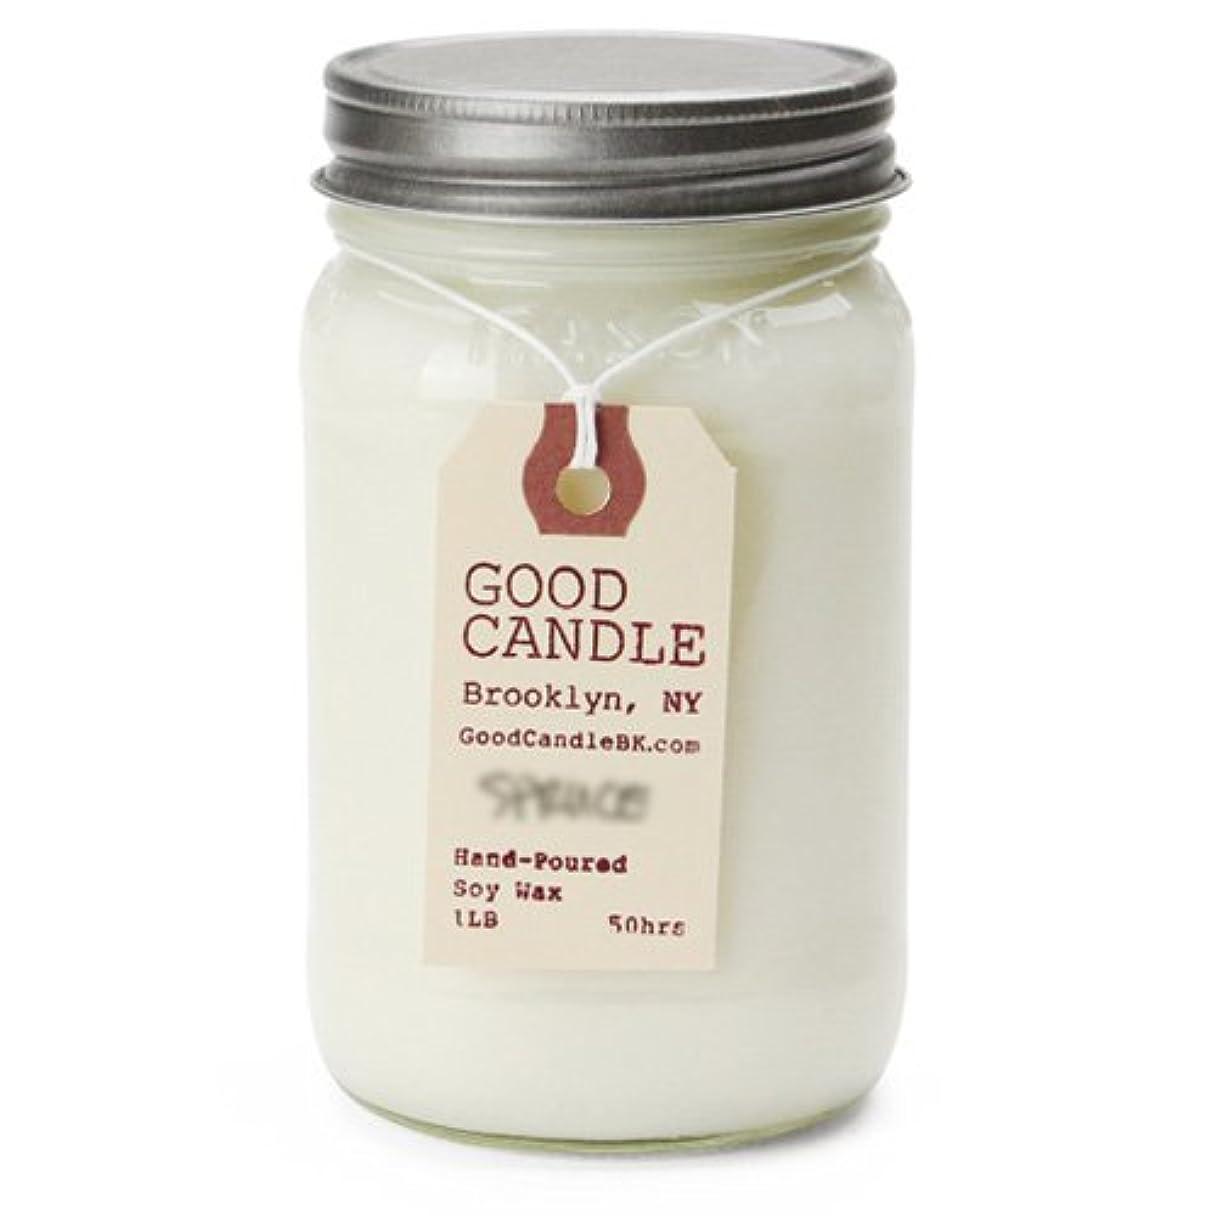 団結ボードフェリーグッドキャンドル 1ポンド メイソンジャー キャンドル Good Candle 1LB Mason jar candle [ Wash board ] 正規品